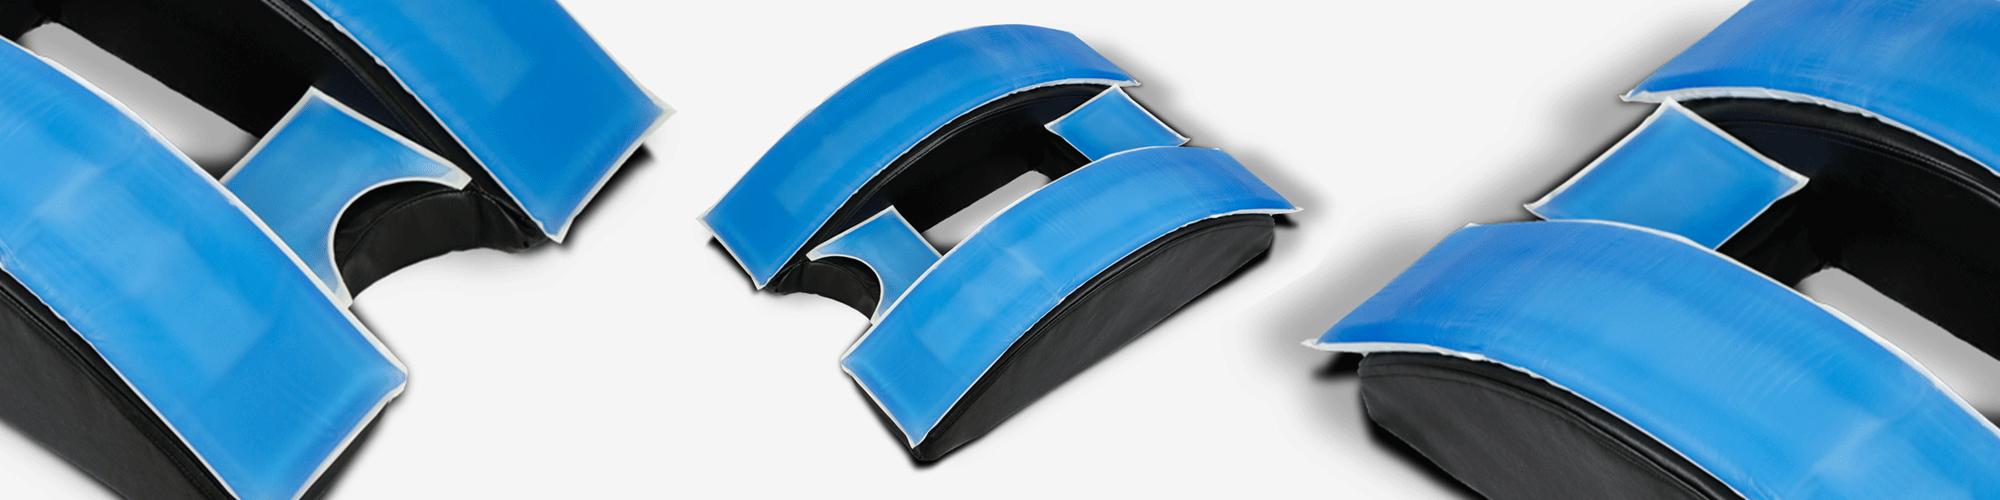 spinal-frame-gel-banner.png